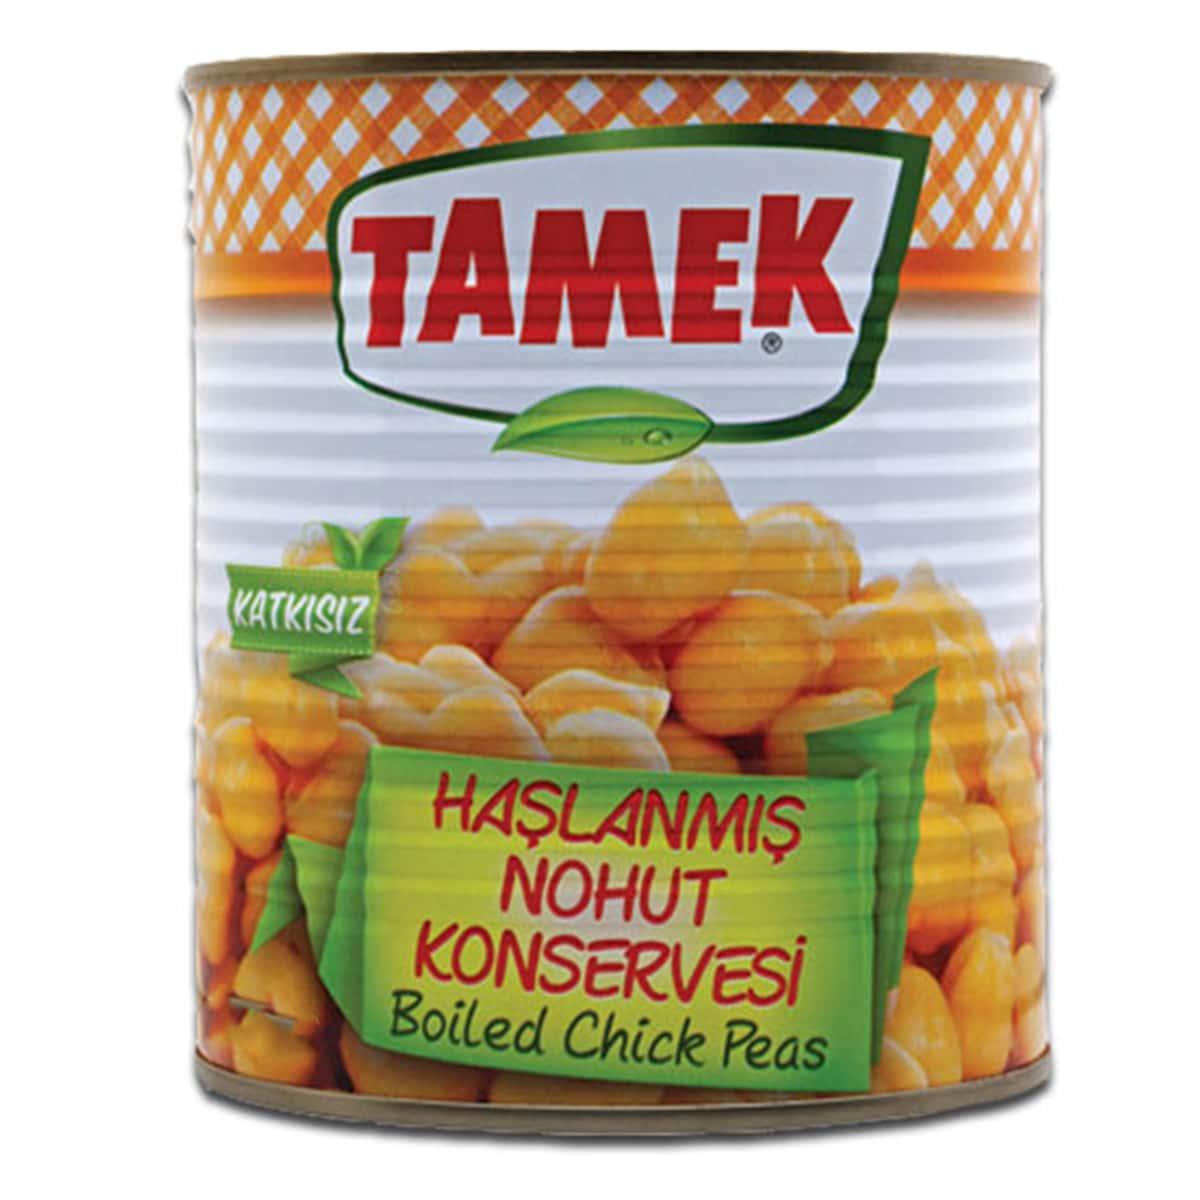 Buy Tamek Boiled Chick Peas (Haslanmis Nohut Konservesi) - 800 gm